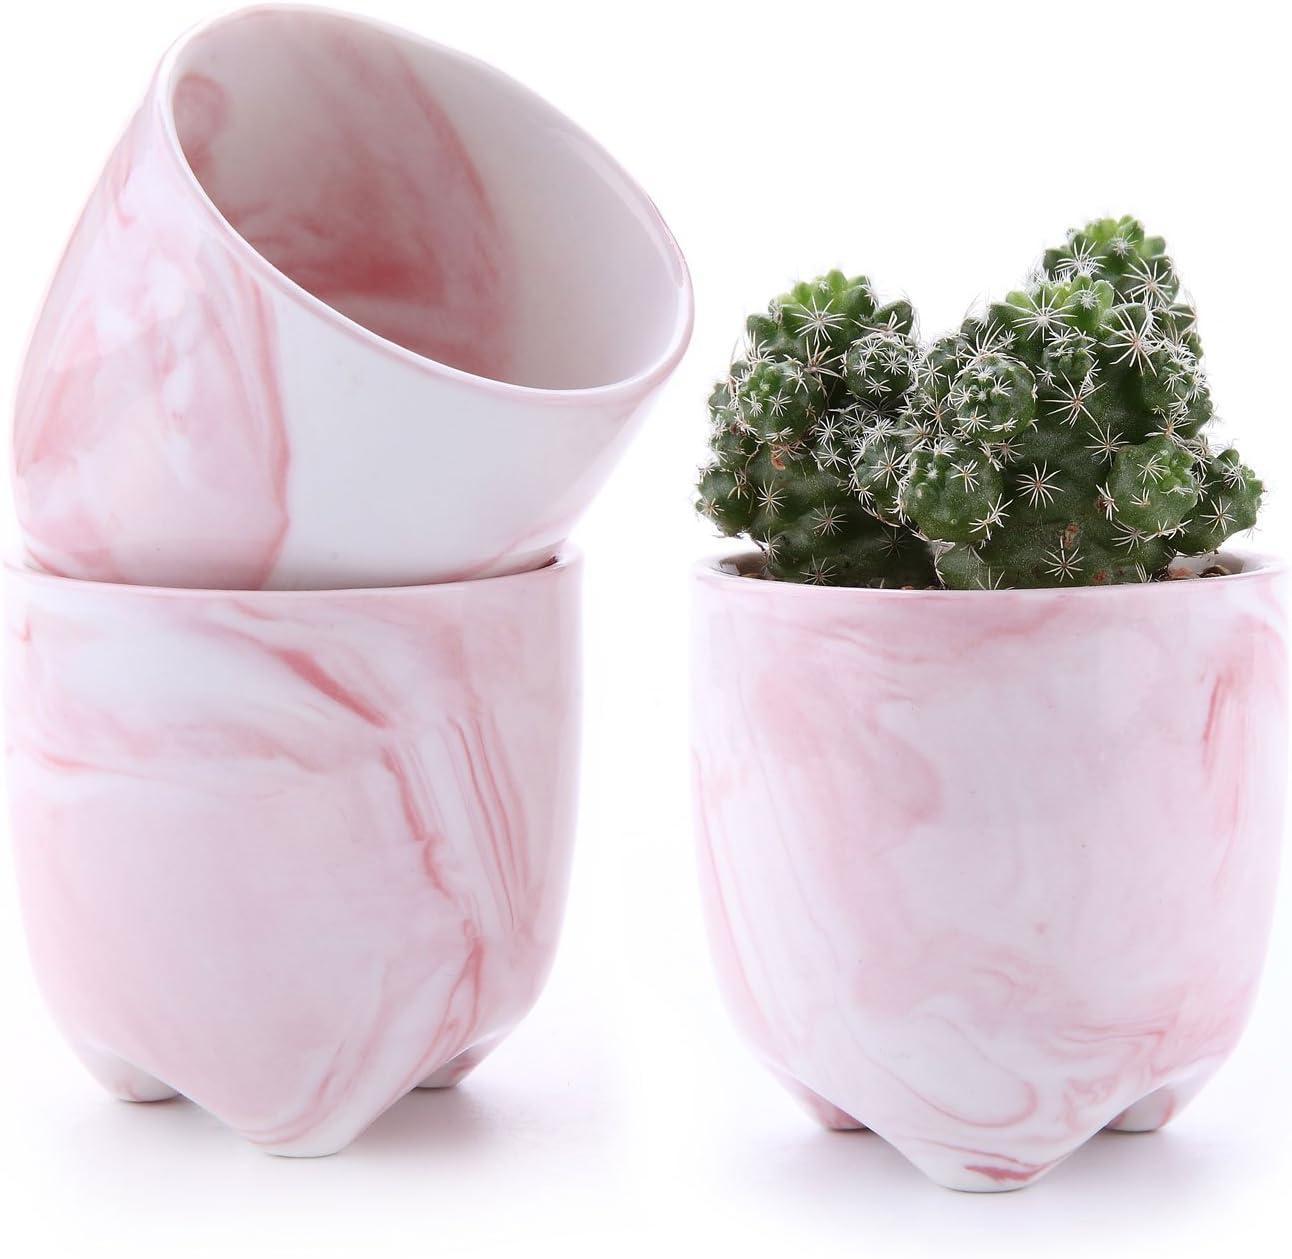 New Mini Small Ceramic Succulent Plant Pot Flower Planter Holder Cactus 2.25 In